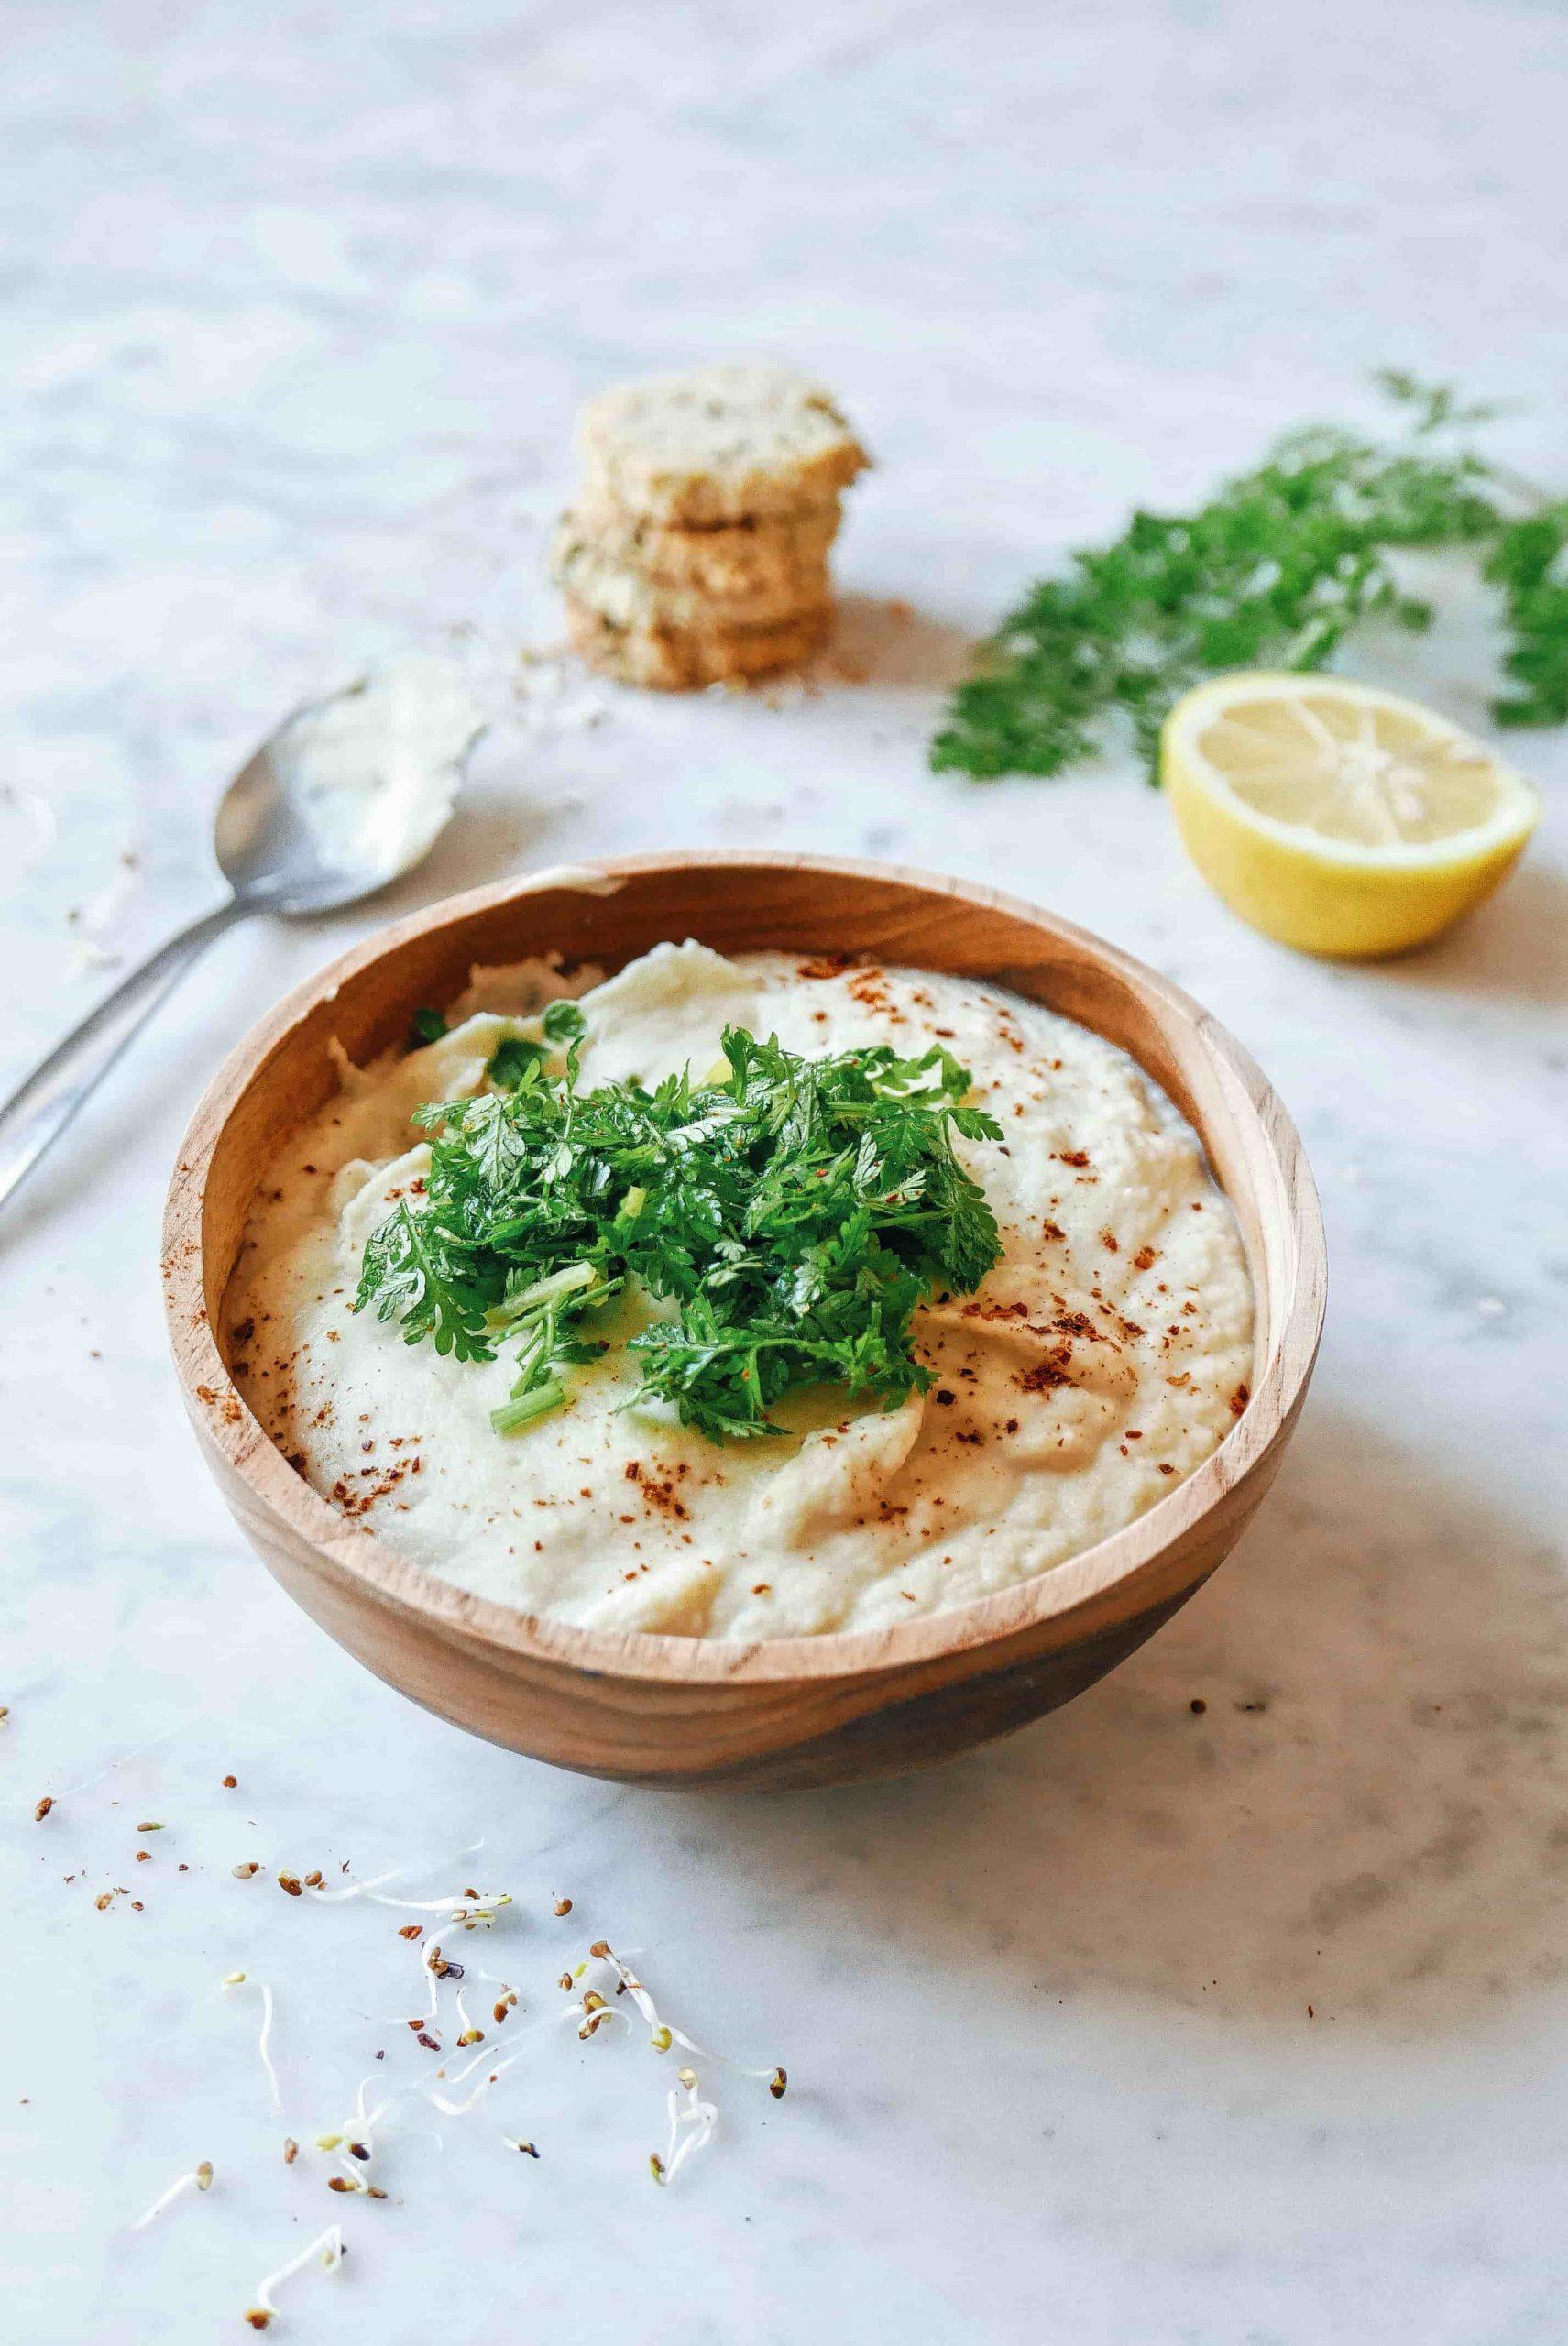 recette céleri rave végétarienne, nutrition, Genève, alimentation saine, blog de cuisine Suisse, cerfeuil, consulting en alimentation